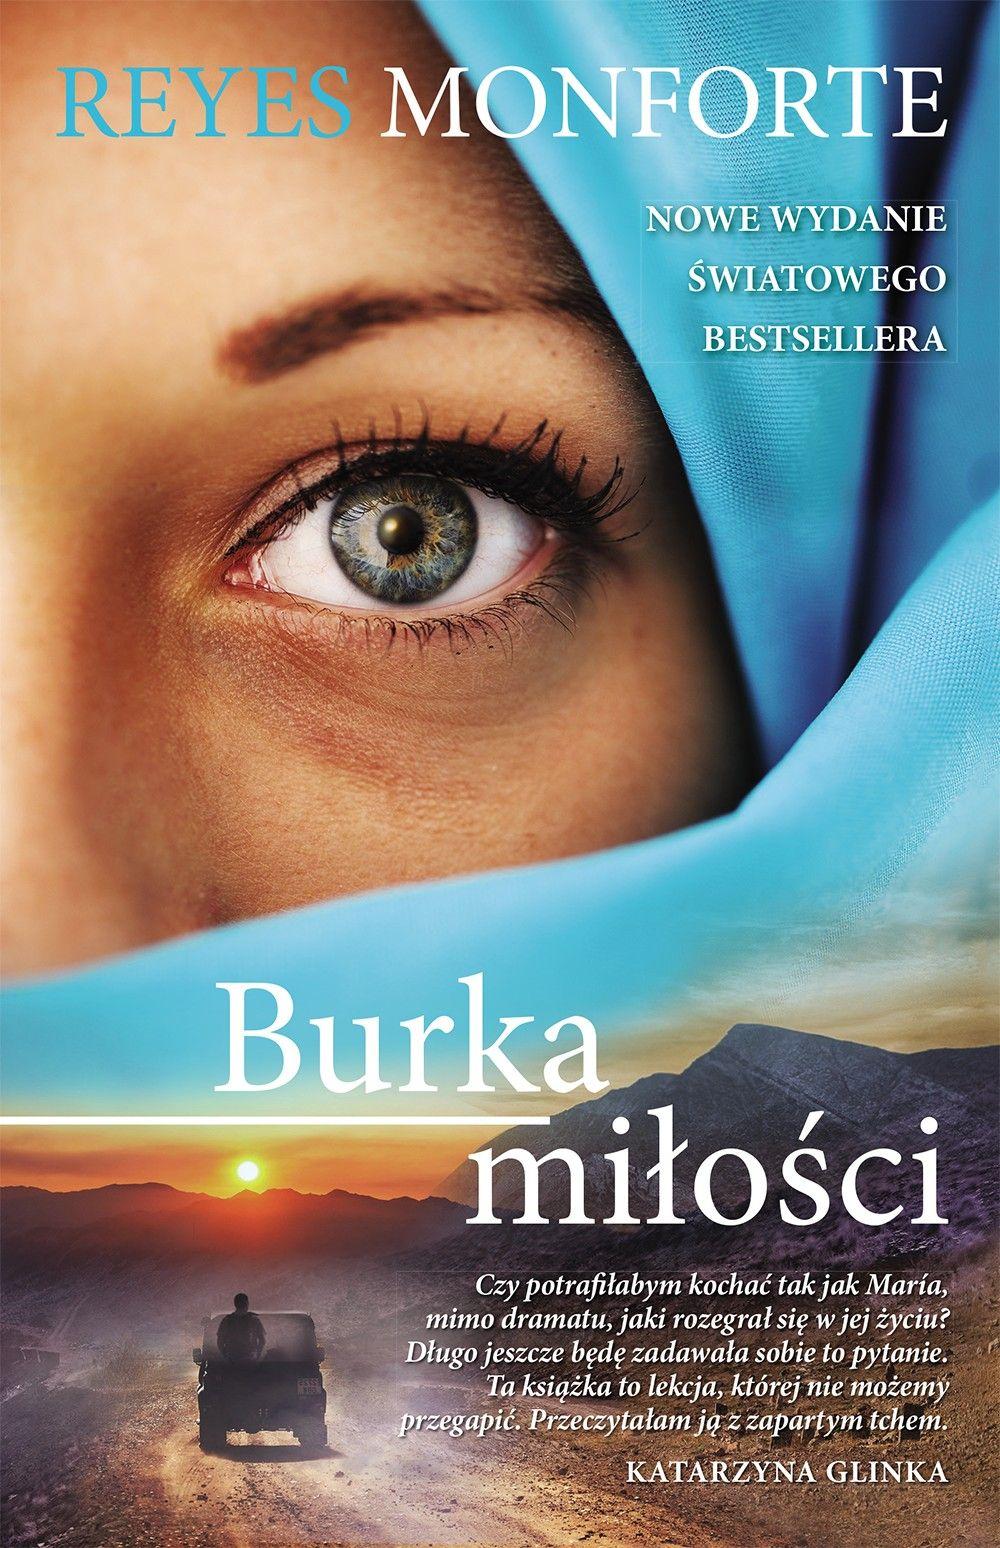 """Inspiracją do napisania artykułu stała się powieść """"Burka miłości"""" (Wydawnictwo WAM 2017)."""